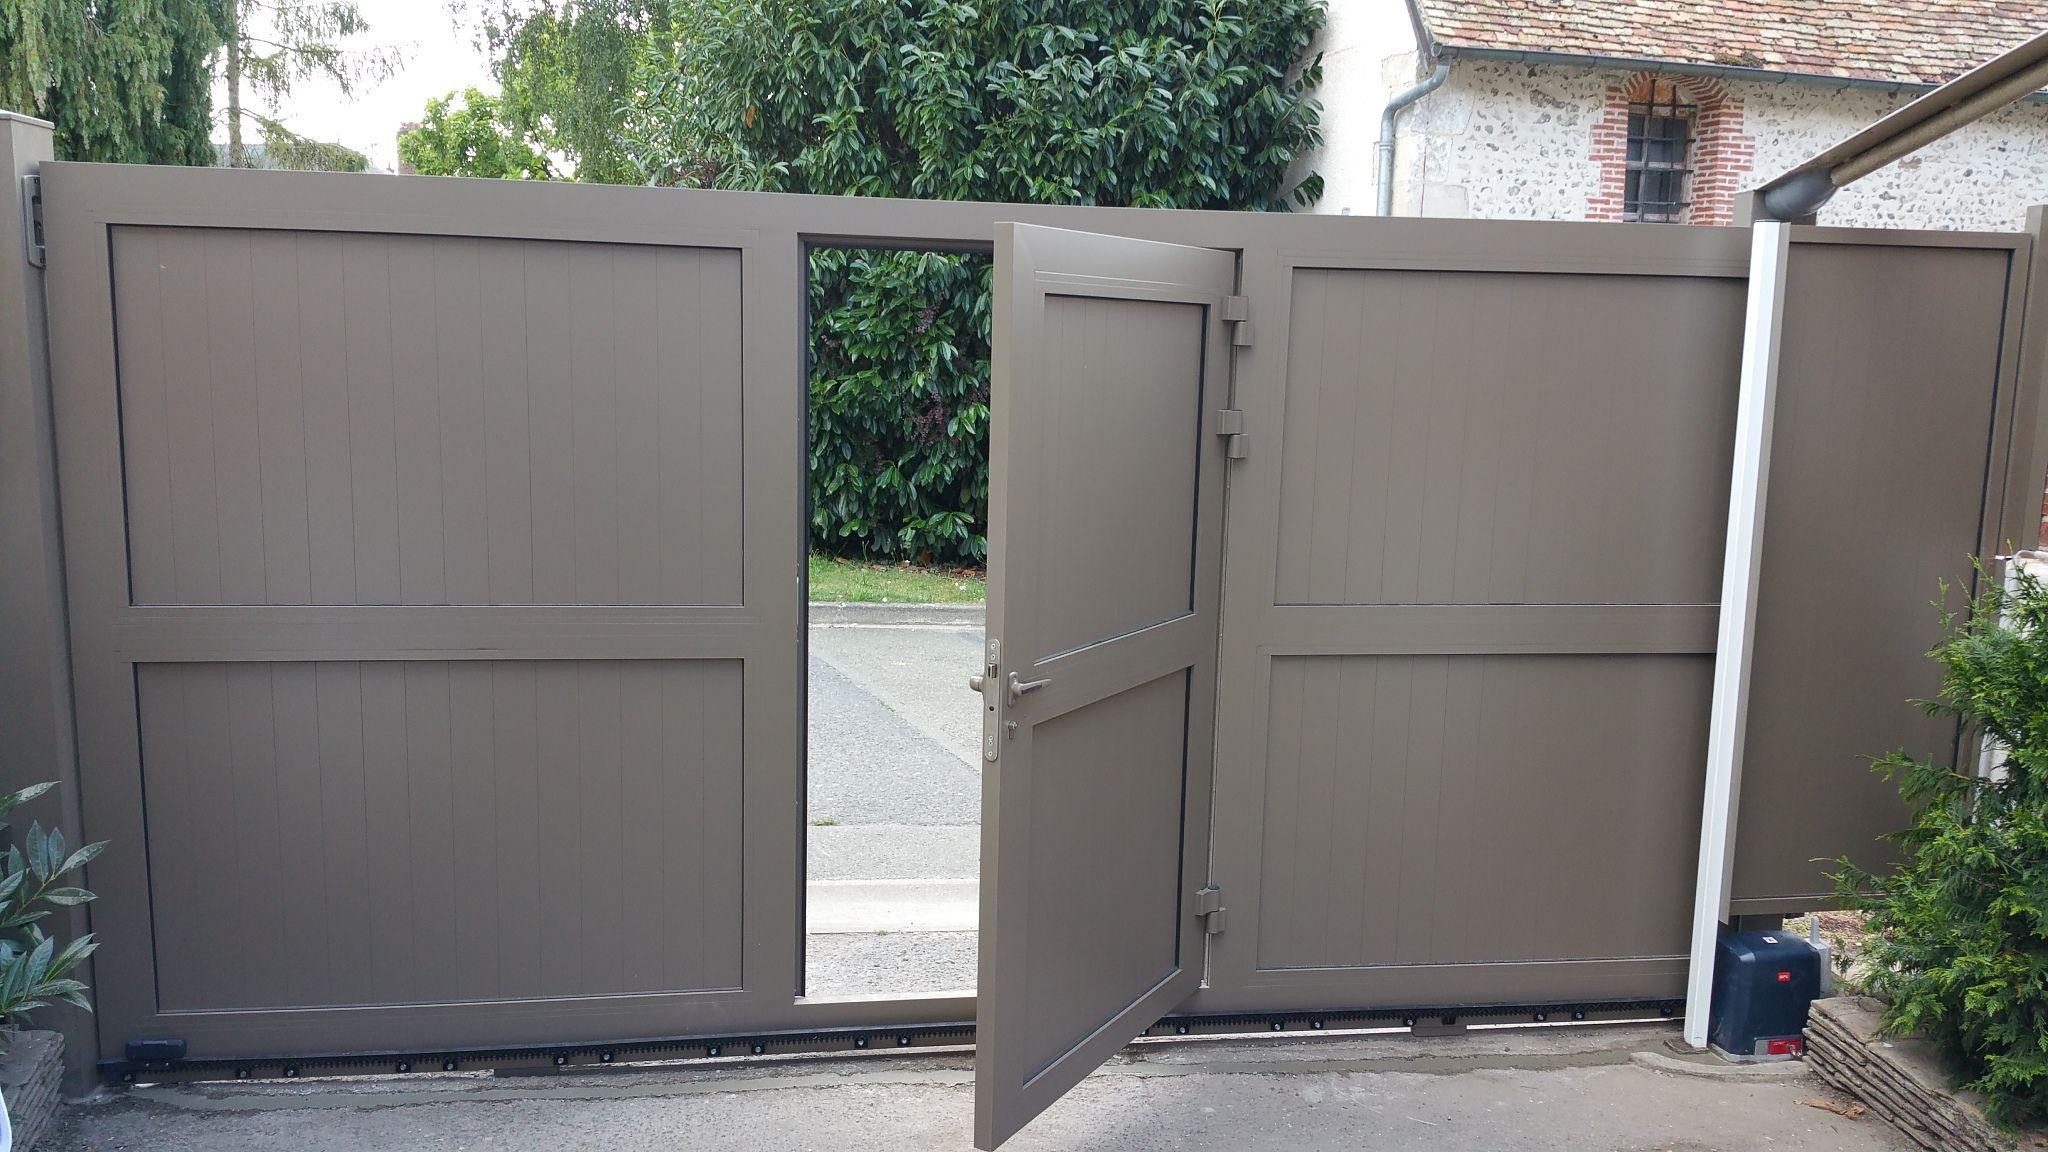 Portail Coulissant Avec Portillon Integre A2p Tuquet Portail Coulissant Portail Avec Portillon Integre Portail Exterieur